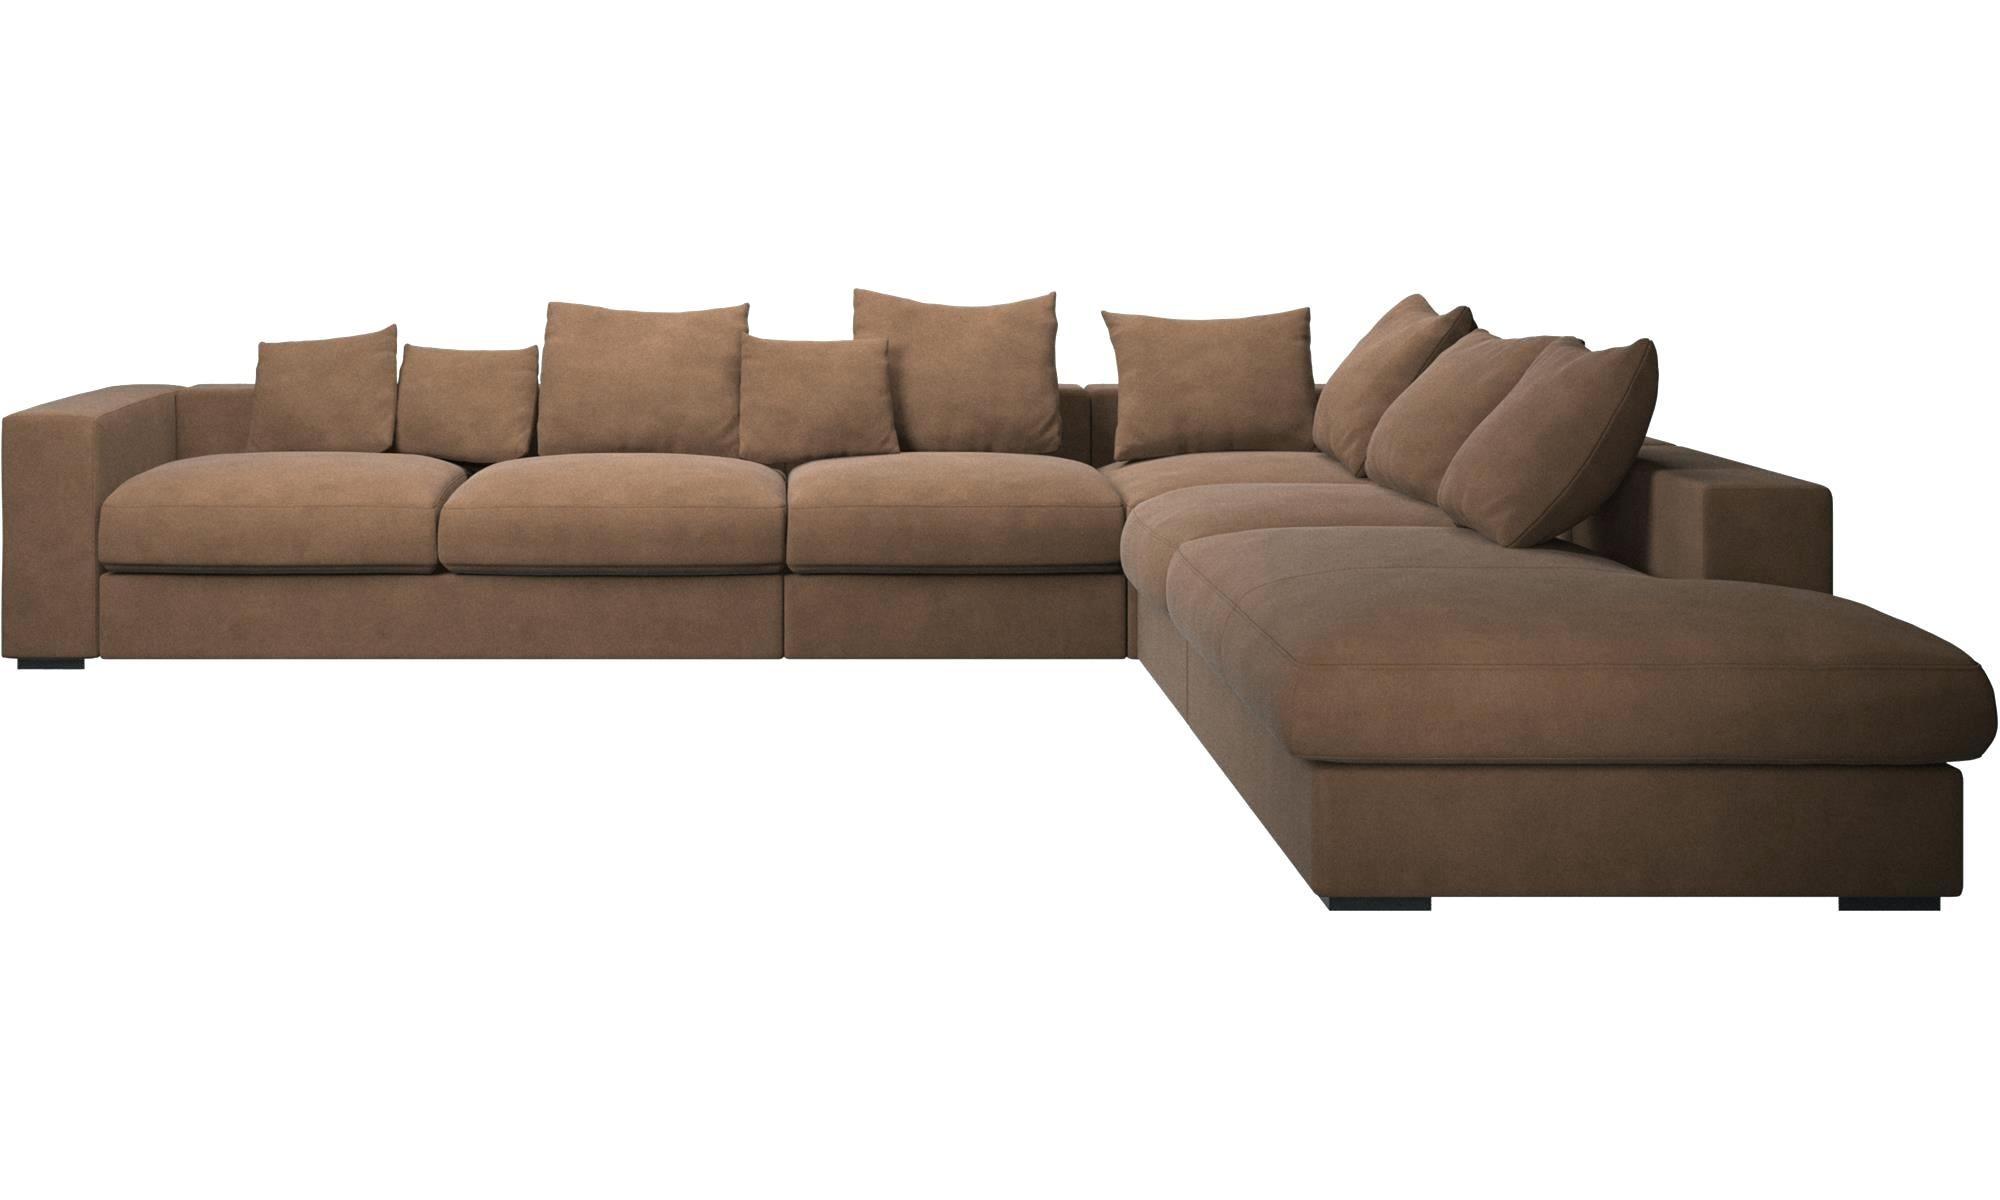 Recouvrir Un Canapé En Cuir Frais Galerie Recouvrir Canapé Tissu Centralillaw